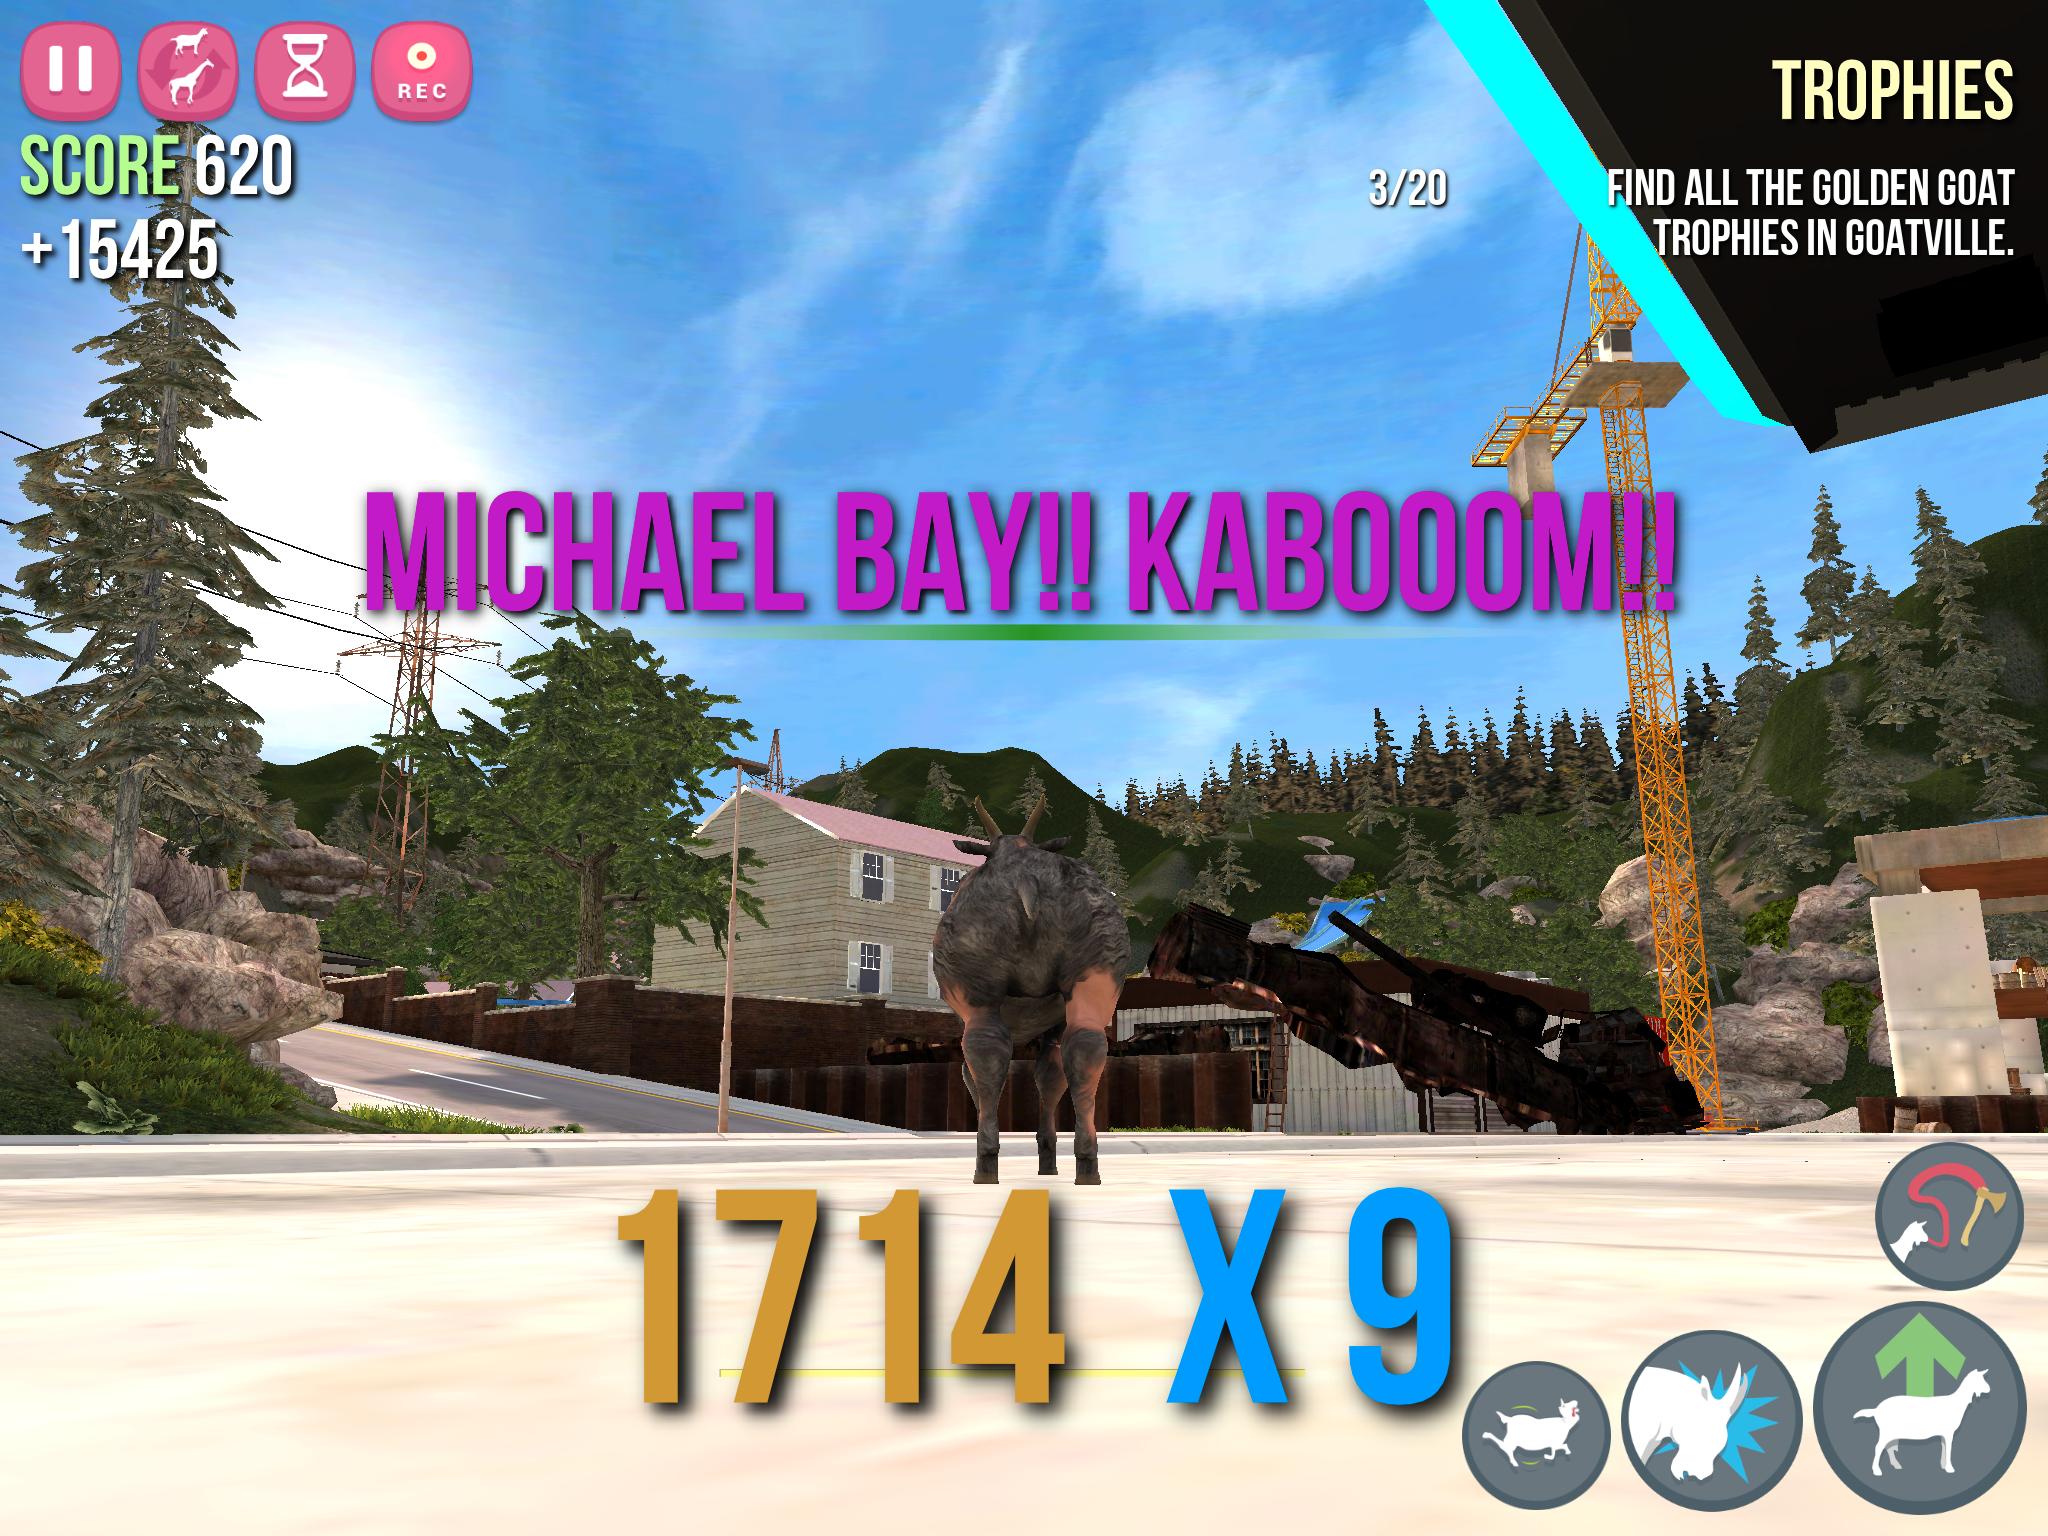 iPad Pro 9.7 er helt utmerket til å spille Goat Simulator på. Er du ikke i humør til å leke Michael Bay med ei sinna geit finnes det heldigvis en haug andre titler du kan installere. Og dette brettet er såpass kraftig at det bør kunne trekke det meste også langt inn i fremtiden. Bilde: Finn Jarle Kvalheim, Tek.no